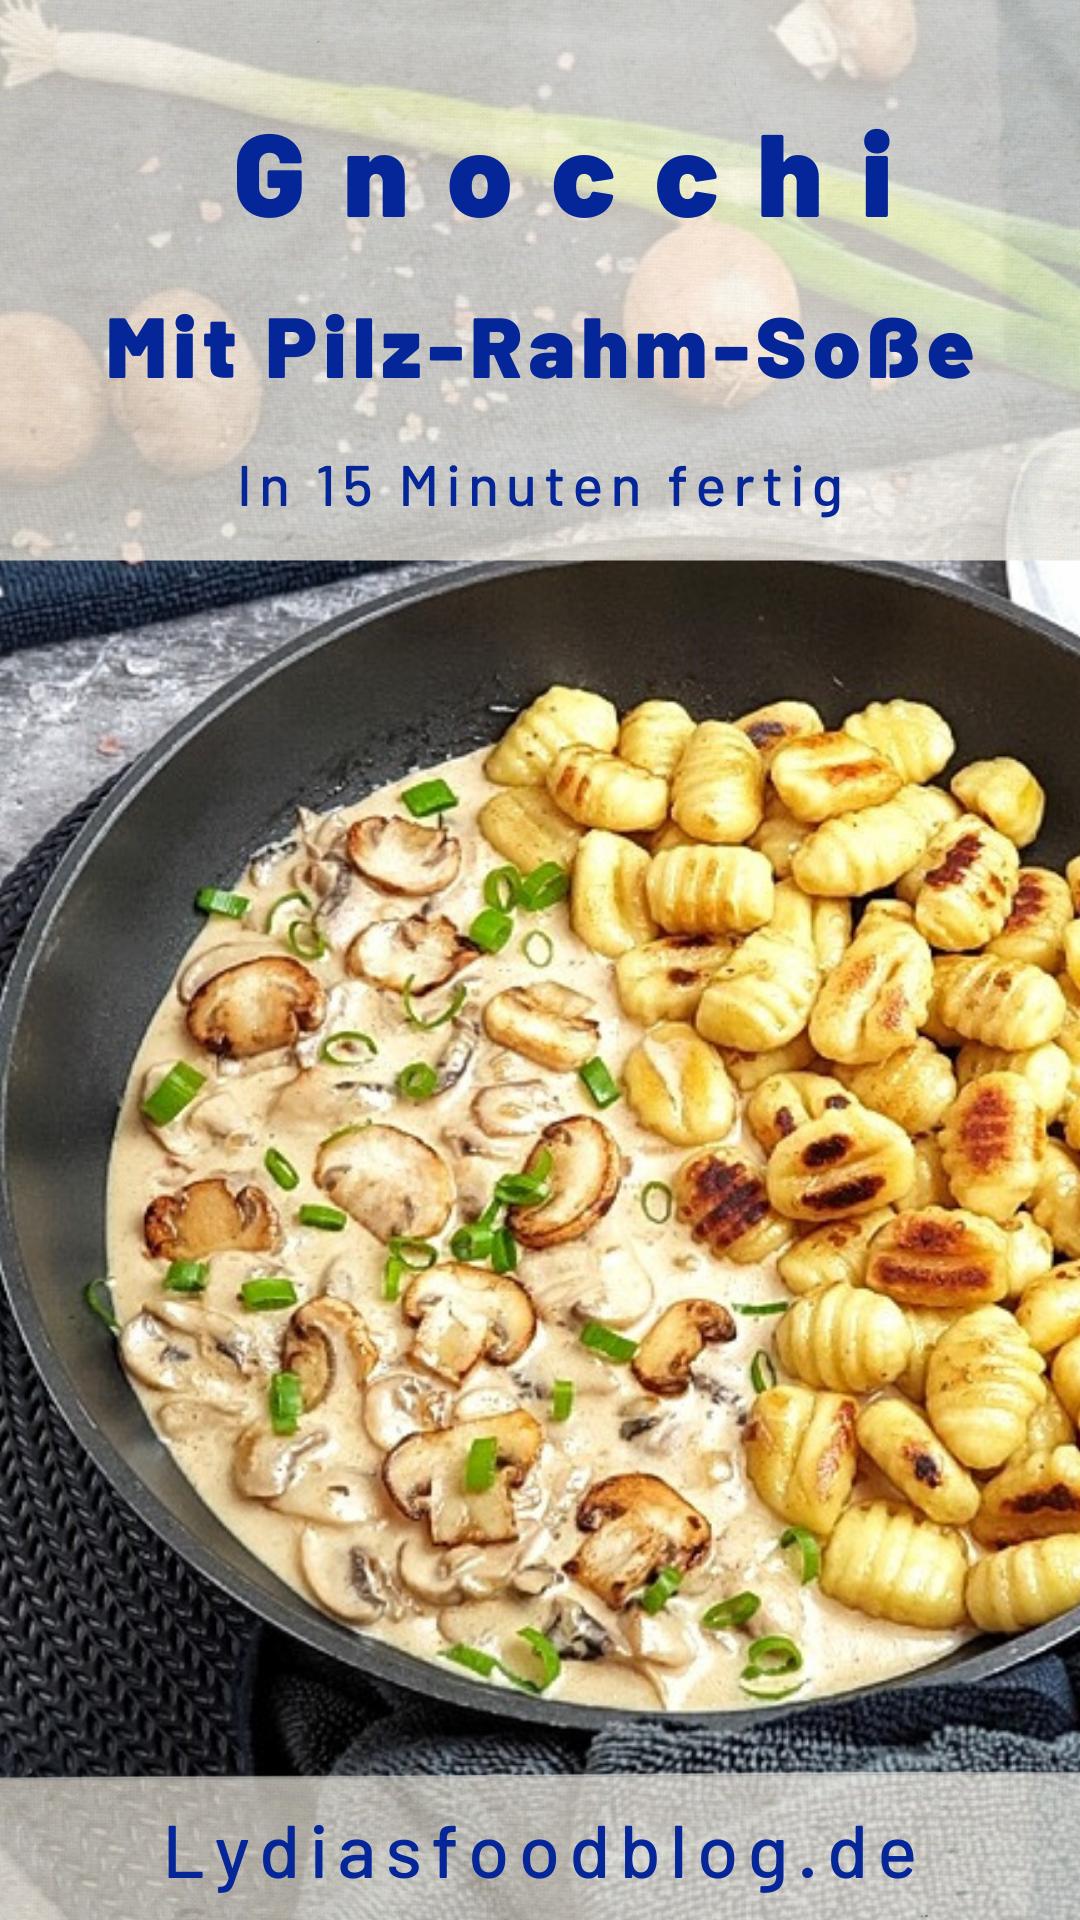 Gnocchi mit PilzRahmSoße in 15 Minuten auf dem Tisch Bist du auf der Suche nach einem sehr einfachen und schnellem Rezept für den Feierabend Dann ist dieses Gn...